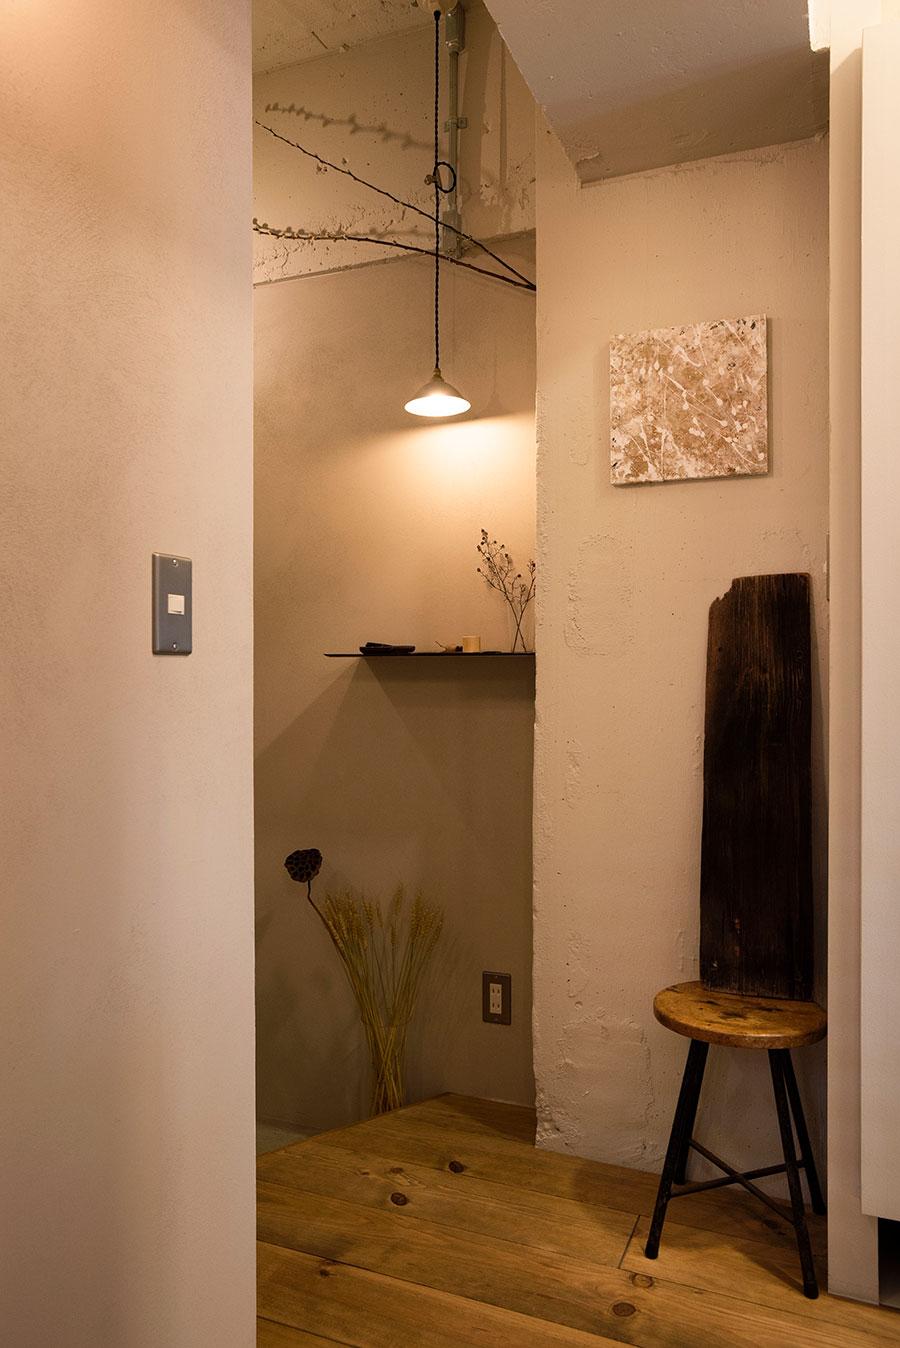 アートや植物、古家具、照明で演出した玄関ホール。妻・けいこさんのセンスが光る。柱や梁、壁の塗り分けが微妙なニュアンスを出す。